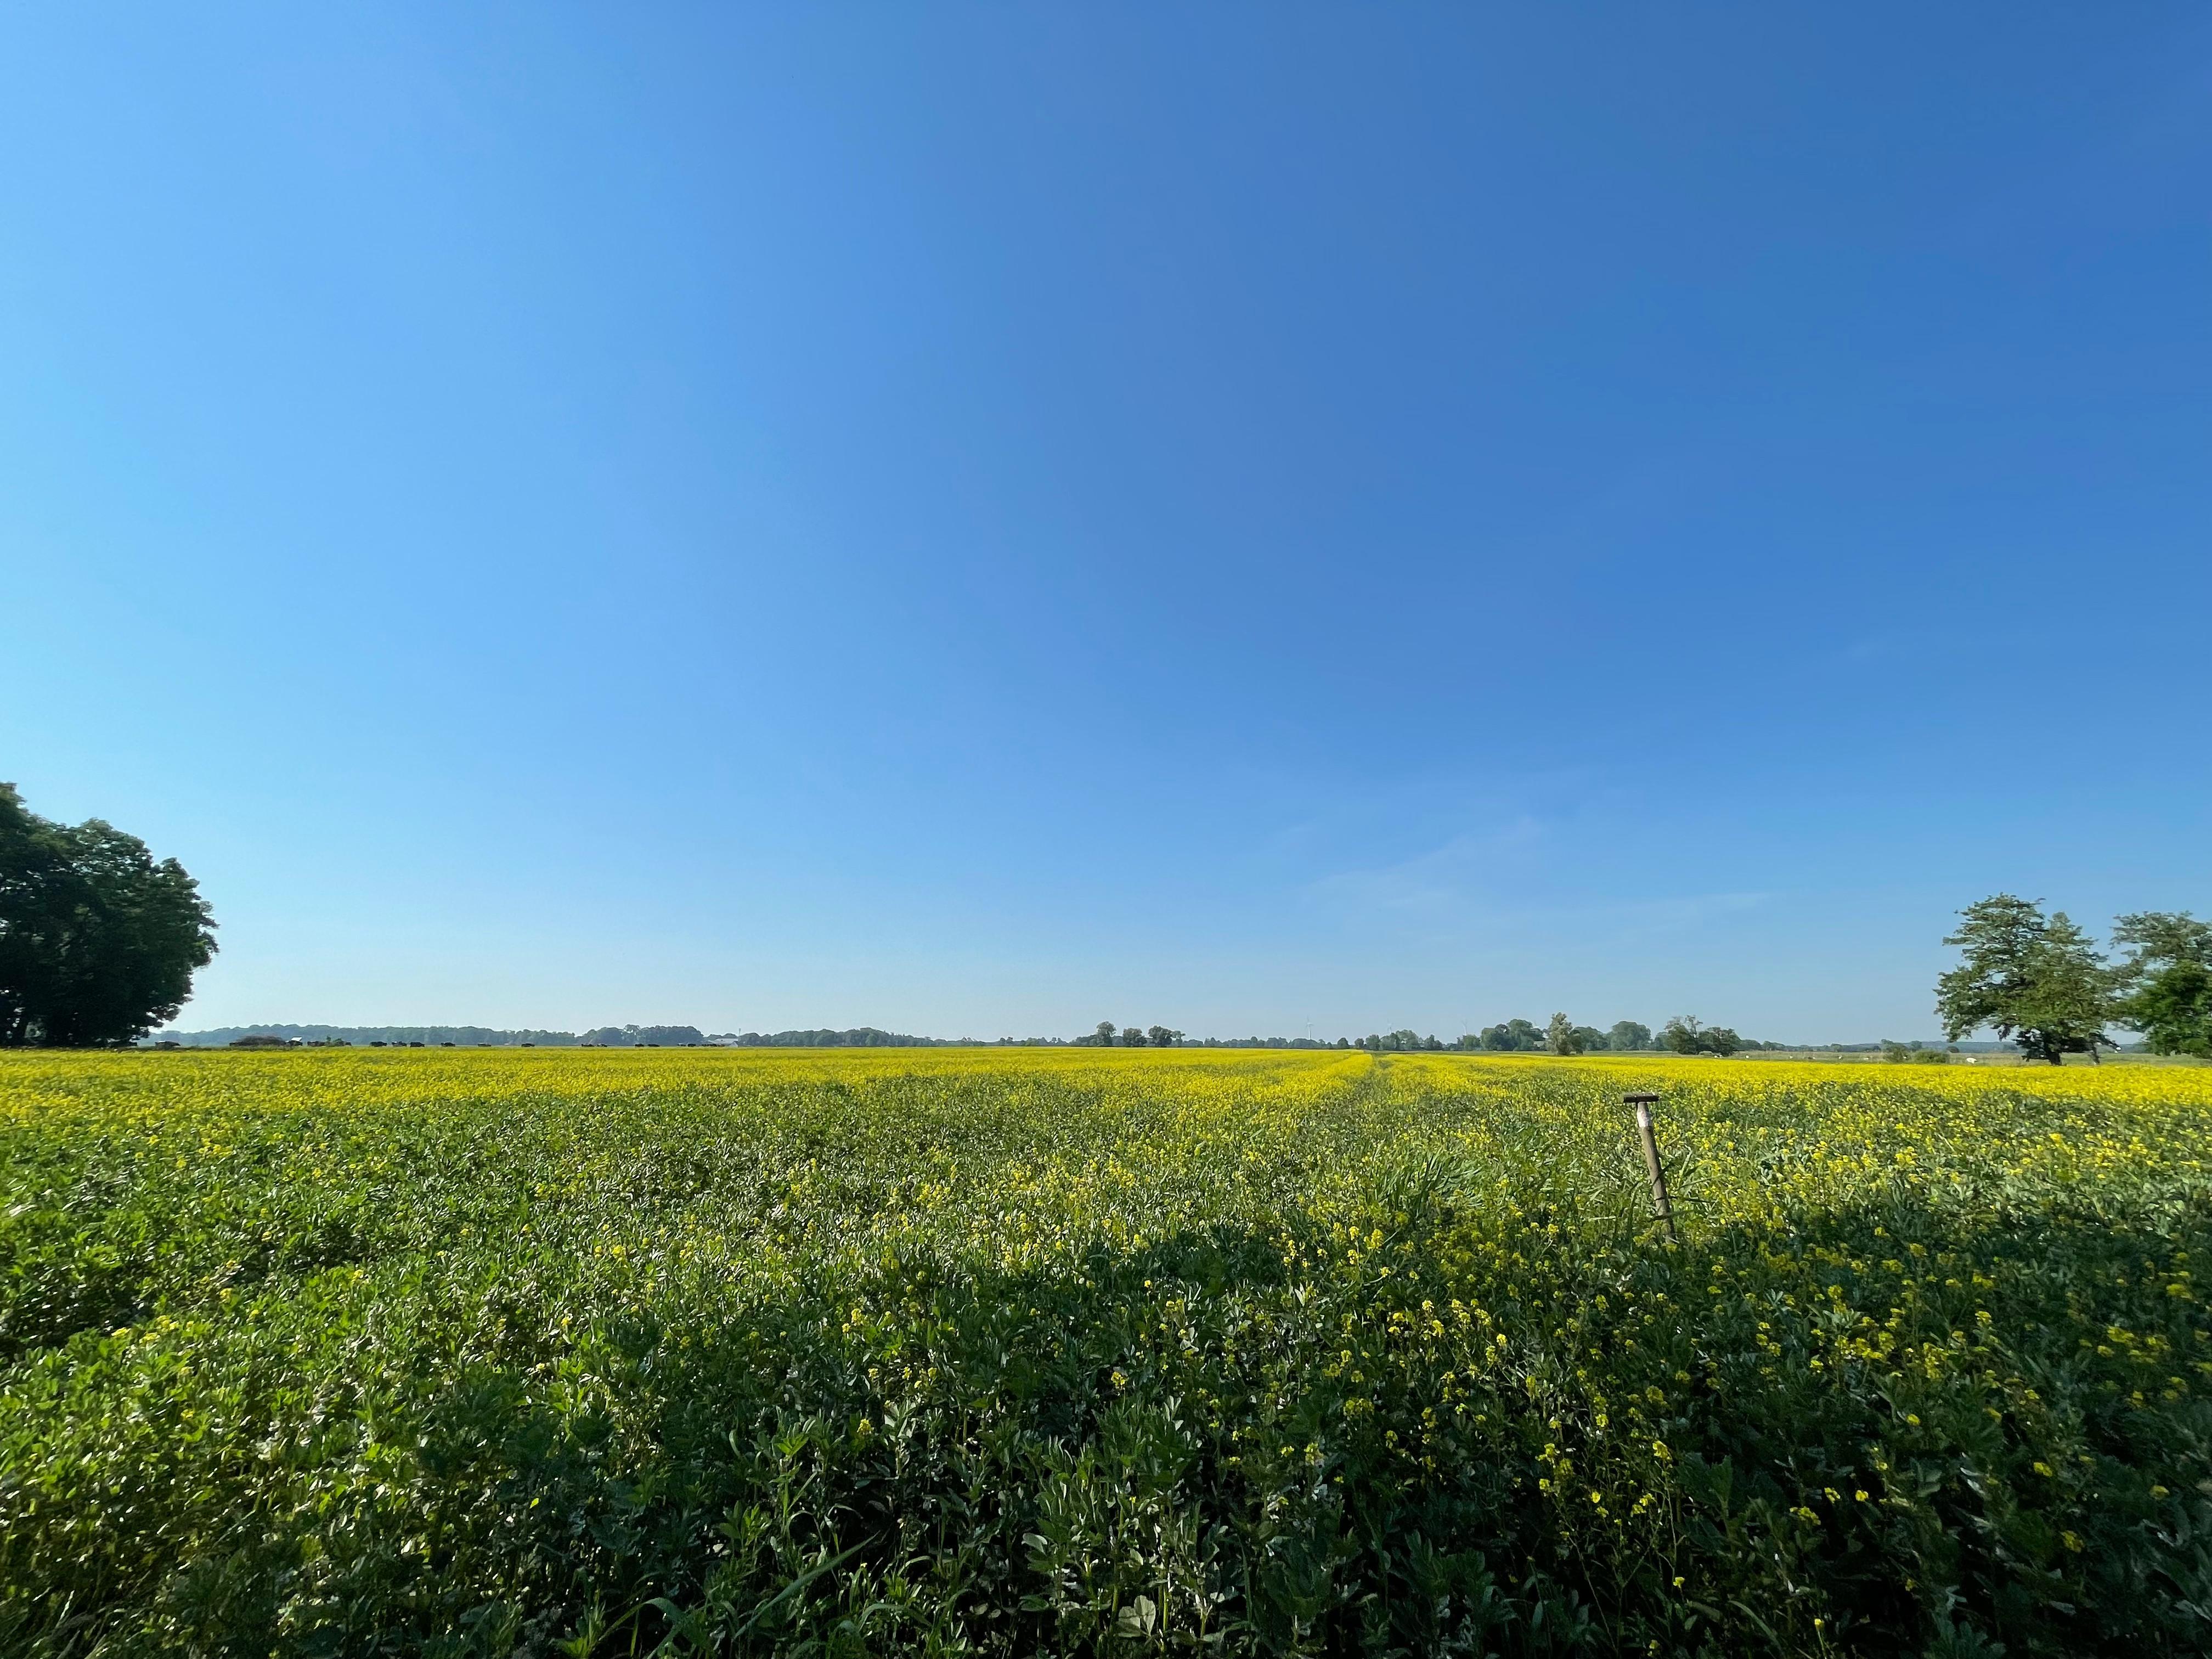 CrohnsHof - sonnige Küstenwiese mit weitem Blick über das Feld